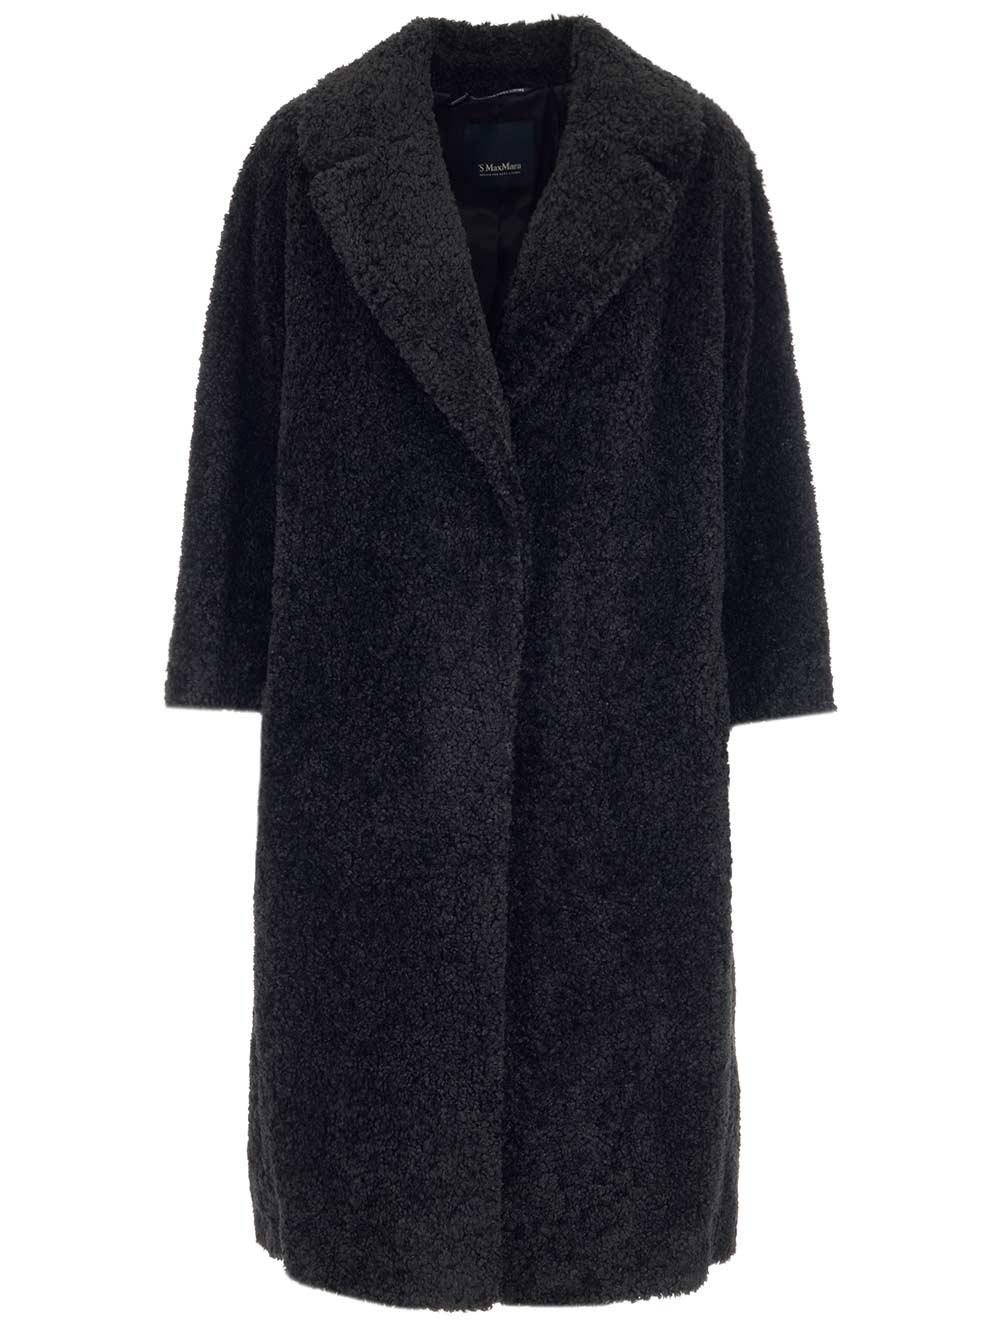 'S MAX MARA Faux Fur Coat